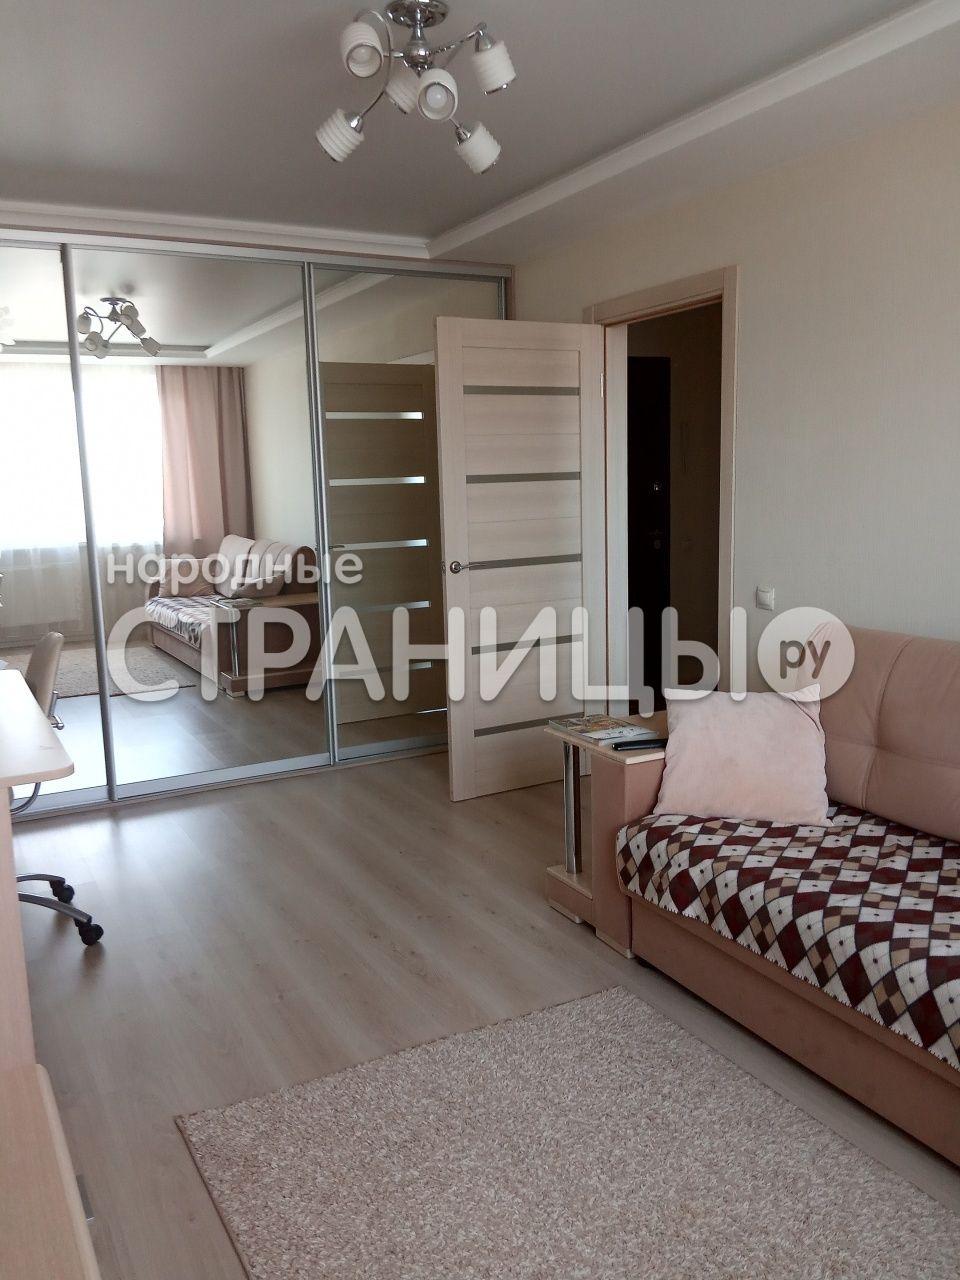 1-комнатная квартира, 35.0 м²,  16/16 эт. Панельный дом